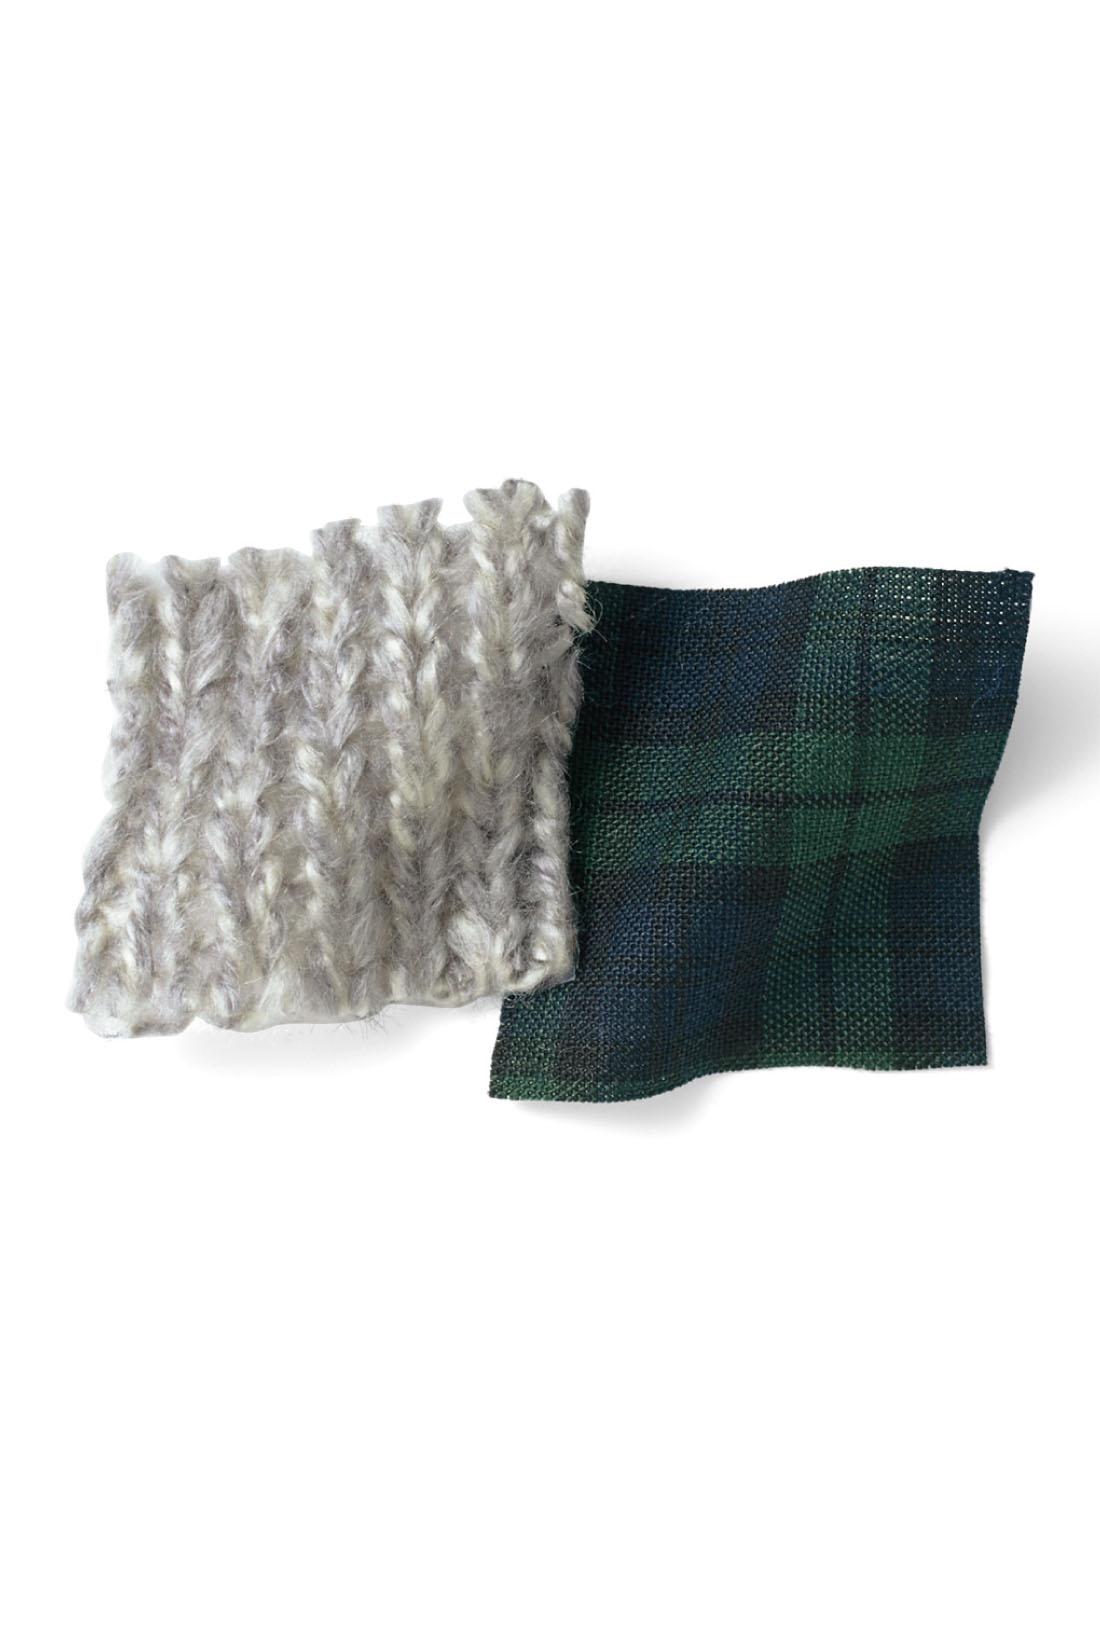 身ごろはすっきりとした天じく編み。ミックス糸だからこその表情が魅力。